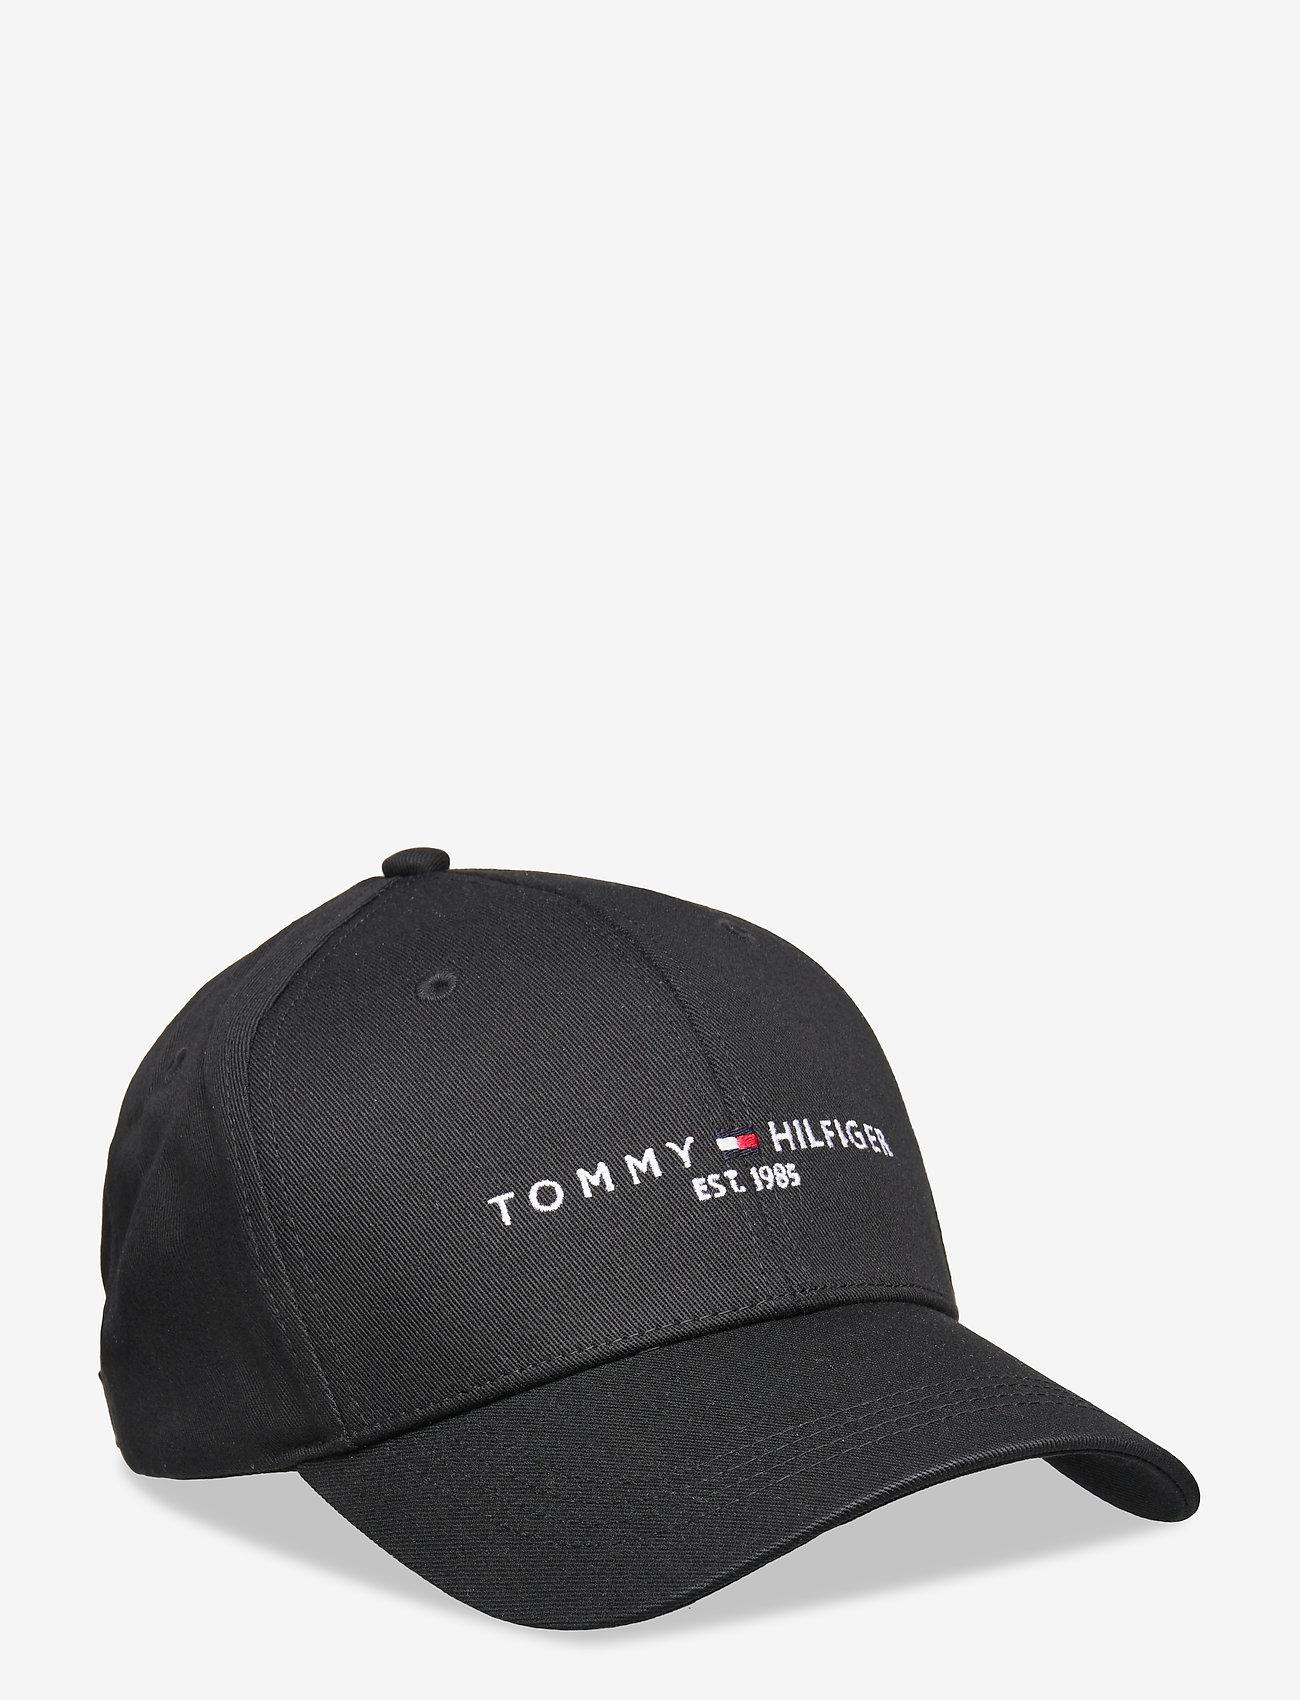 Tommy Hilfiger - TH ESTABLISHED CAP - kasketter - black - 0